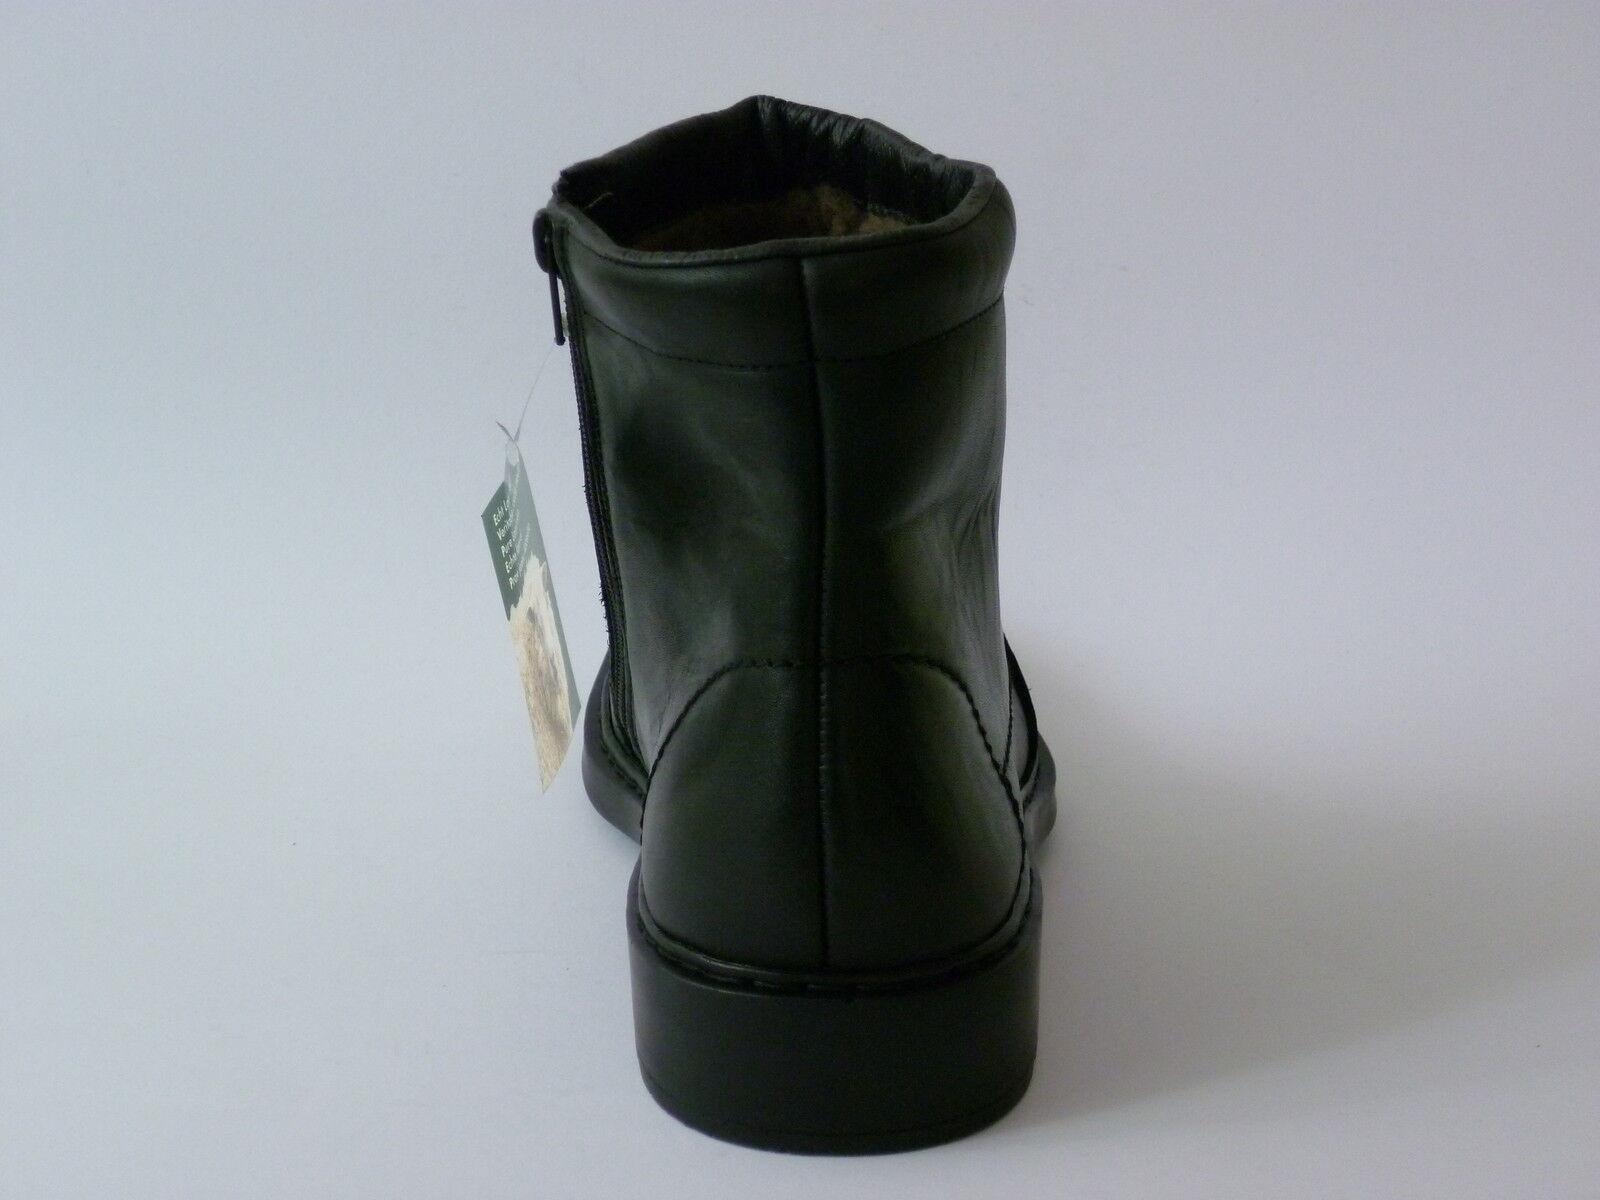 d5596d538e798f ... Rieker Rieker Rieker homme Bottines Hiver Chaussures 45 Bottes noir  doublé cuir NEUF   Exquise ...